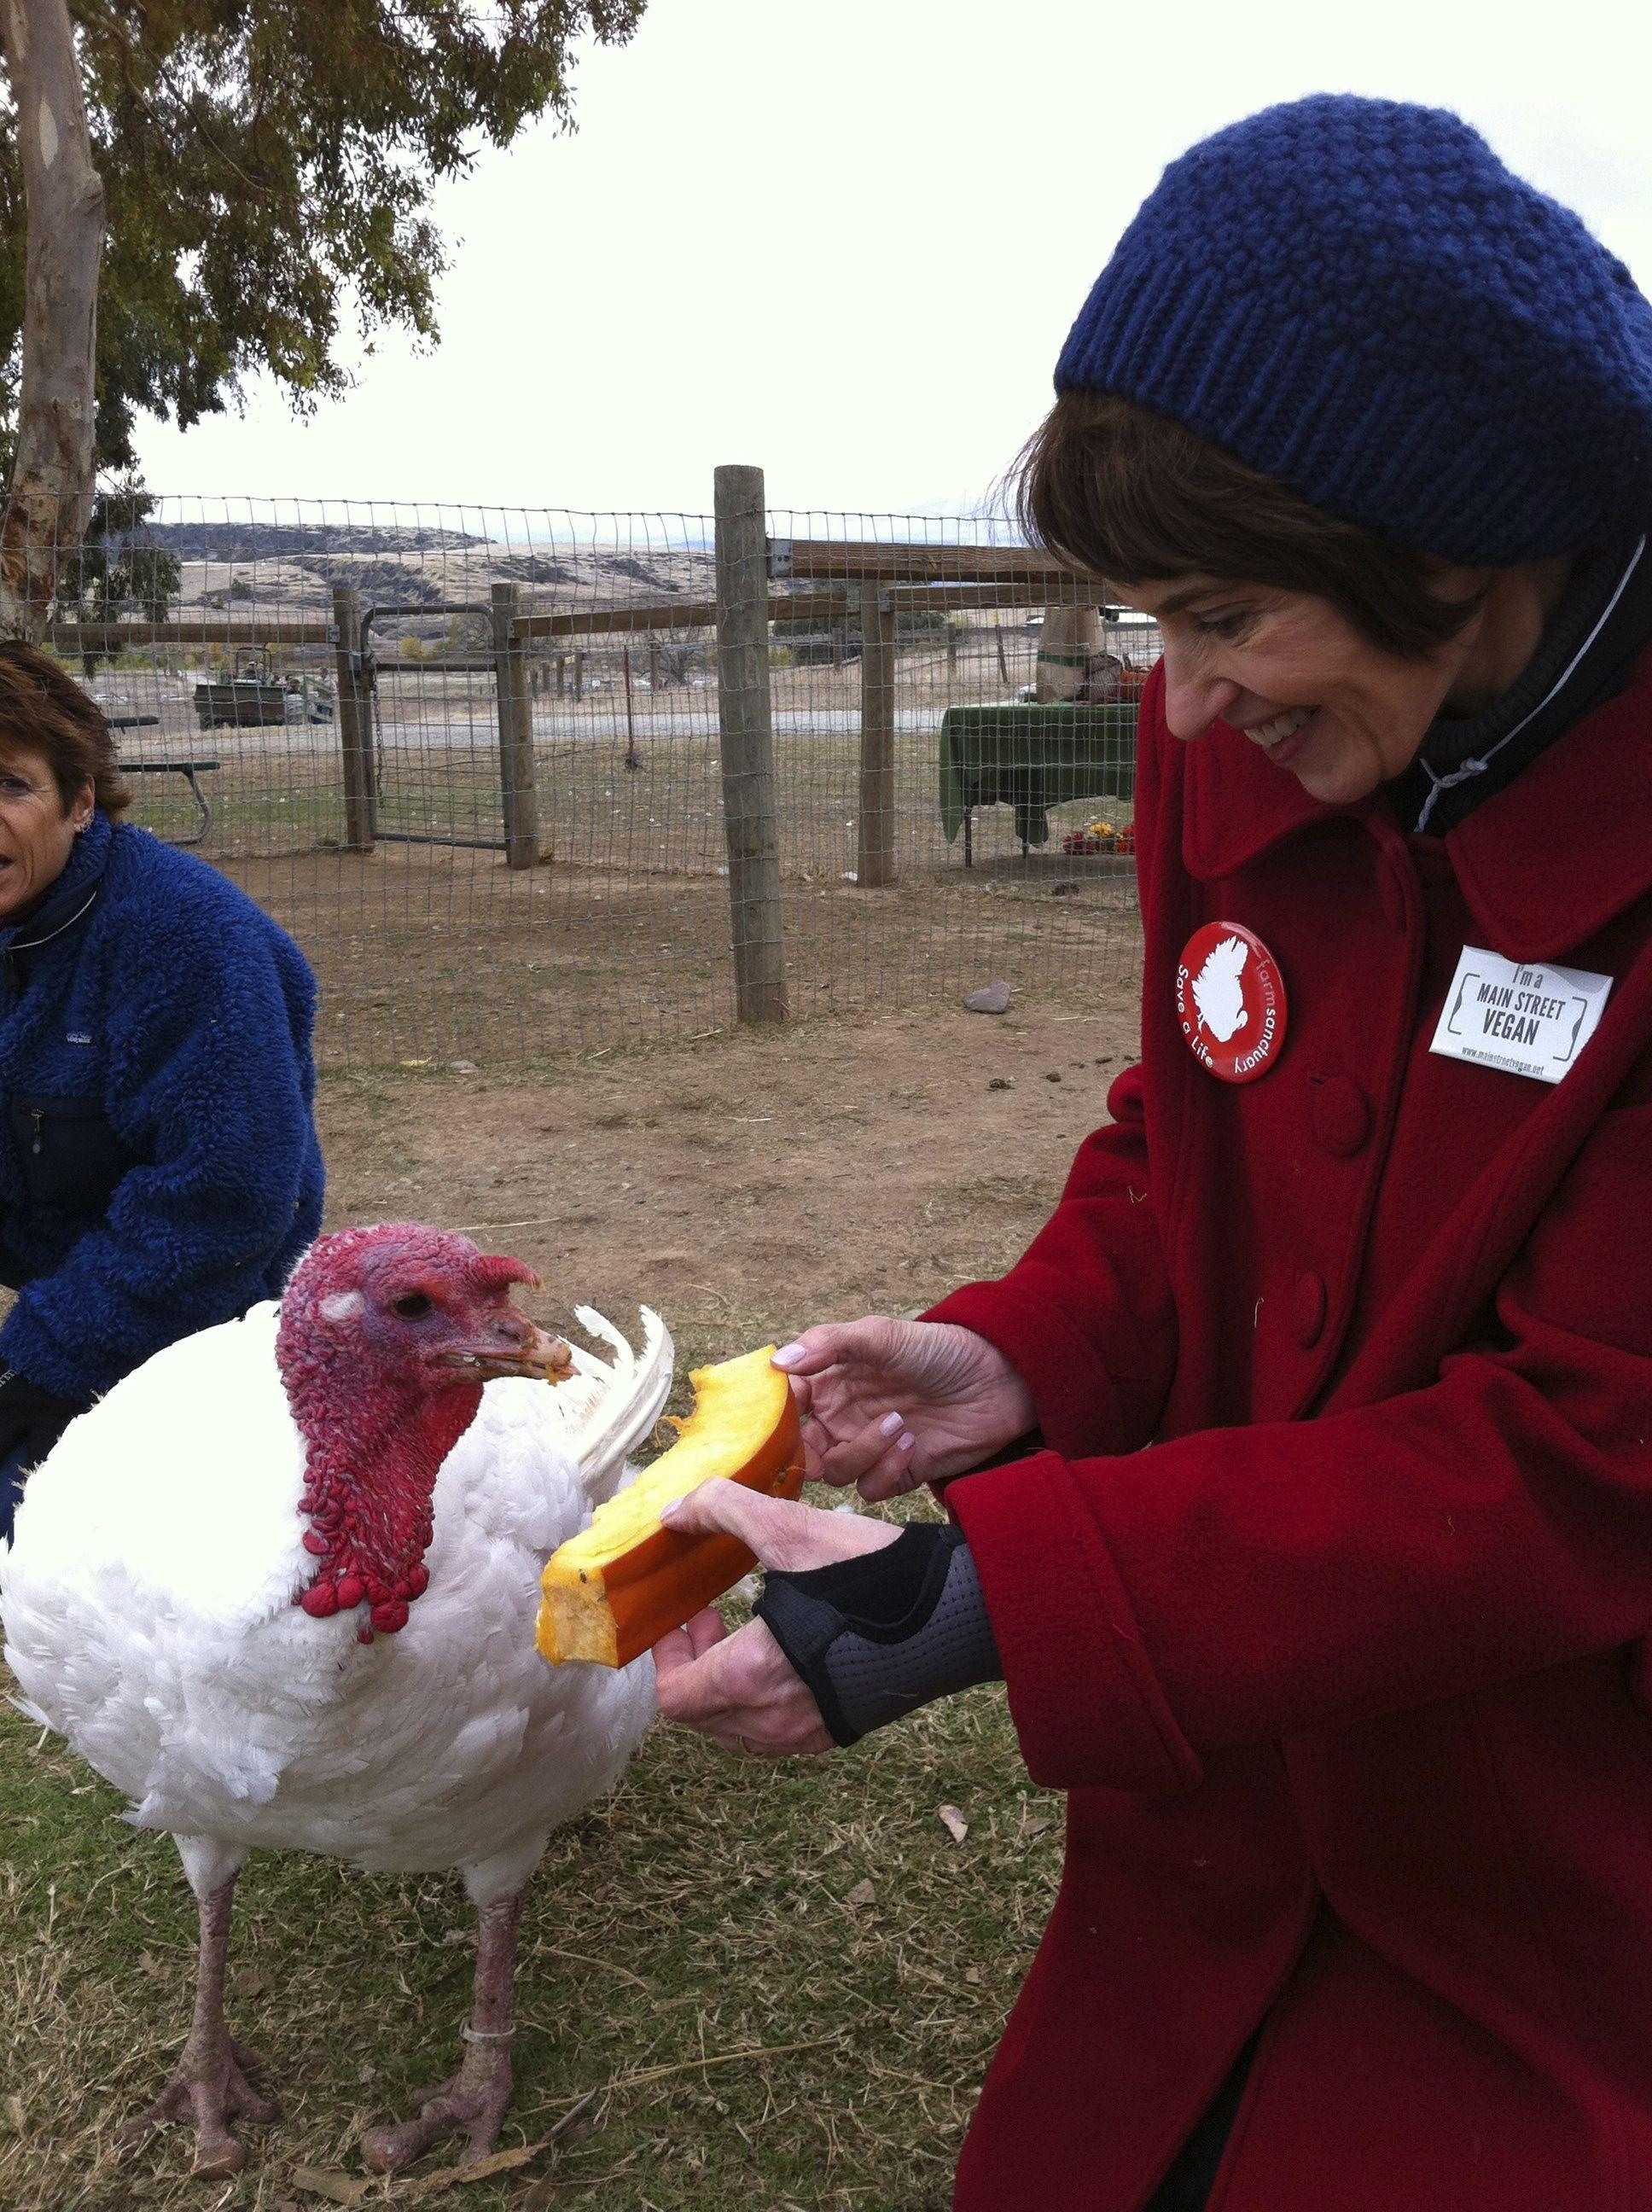 Feeding squash to a turkey at Farm Sanctuary in Orland, CA